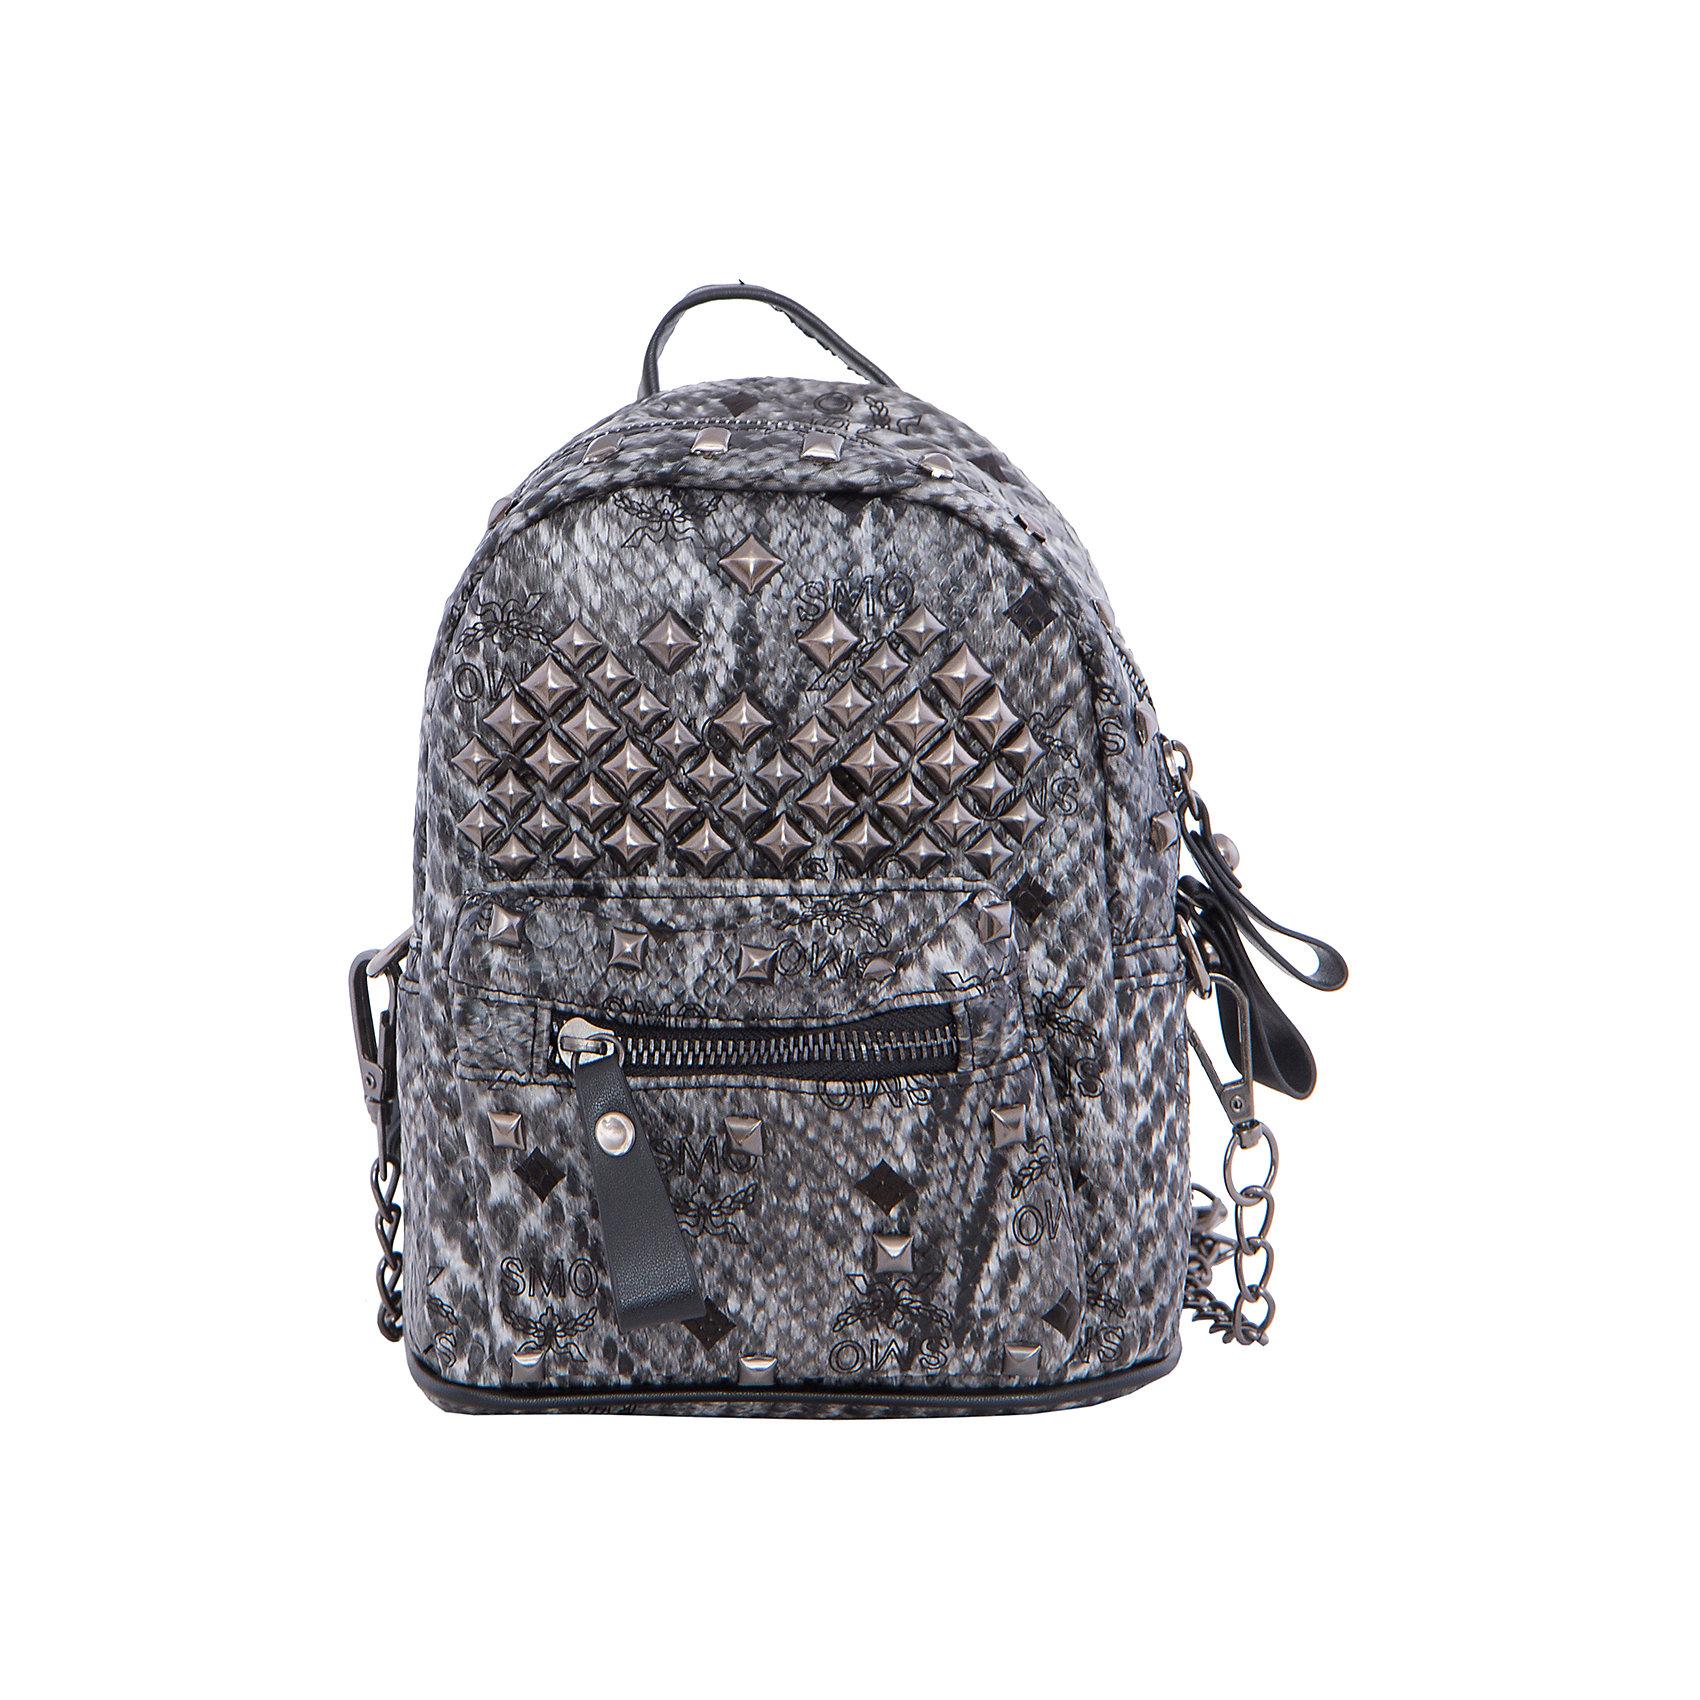 Рюкзак VITACCIАксессуары<br>Характеристики:<br><br>• Тип сумки: рюкзак<br>• Пол: для девочки<br>• Цвет: черный, серый<br>• Сезон: круглый год<br>• Тематика рисунка: без рисунка<br>• Тип застежки: молния<br>• Декоративные элементы: металлические клепки<br>• Отстегивающиеся лямки регулируются по длине<br>• Одно отделение с дополнительными кармашками<br>• Предусмотрена ручка-петля<br>• Спереди имеется объемный карман на молнии<br>• Материал: верх – искусственная кожа, подклад – текстиль <br>• Габариты: ширина днища – 16 см, высота – 20 см, глубина – 10,5 см<br>• Вес: 900 г<br>• Особенности ухода: влажная чистка, сухая чистка<br><br>Рюкзак VITACCI от лидера российско-итальянского предприятия, которое специализируется на выпуске высококачественной обуви и аксессуаров как для взрослых, так и для детей. Детские сумки этого торгового бренда изготавливаются с учетом анатомических особенностей детей и имеют эргономичную форму. Форма и дизайн сумок разрабатывается итальянскими ведущими дизайнерами и отражает новейшие тенденции в мире моды. Особенность этого торгового бренда заключается в эксклюзивном сочетании материалов разных фактур и декорирование изделий стильными аксессуарами. <br><br>Рюкзак VITACCI изготовлен из экологически безопасного искусственного материала с эффектом крокодиловой кожи. Имеет одно просторное отделение с маленькими кармашками: один с замочком на молнии, второй – для сотового телефона или смартфона. Спереди у рюкзака предусмотрен внешний карман-отделение на застежке молнии и боковые карманы. Лямки регулируются по длине. Рюкзак выполнен в стильном серо-черном цвете, декорирован металлическими клепками и фурнитурой.<br>Рюкзак VITACCI – это стильный аксессуар, который создаст неповторимый образ вашего ребенка! <br><br>Рюкзак VITACCI можно купить в нашем интернет-магазине.<br><br>Ширина мм: 170<br>Глубина мм: 157<br>Высота мм: 67<br>Вес г: 117<br>Цвет: серый<br>Возраст от месяцев: 36<br>Возраст до месяцев: 144<br>Пол: Женский<br>Возраст: Детский<br>Размер: